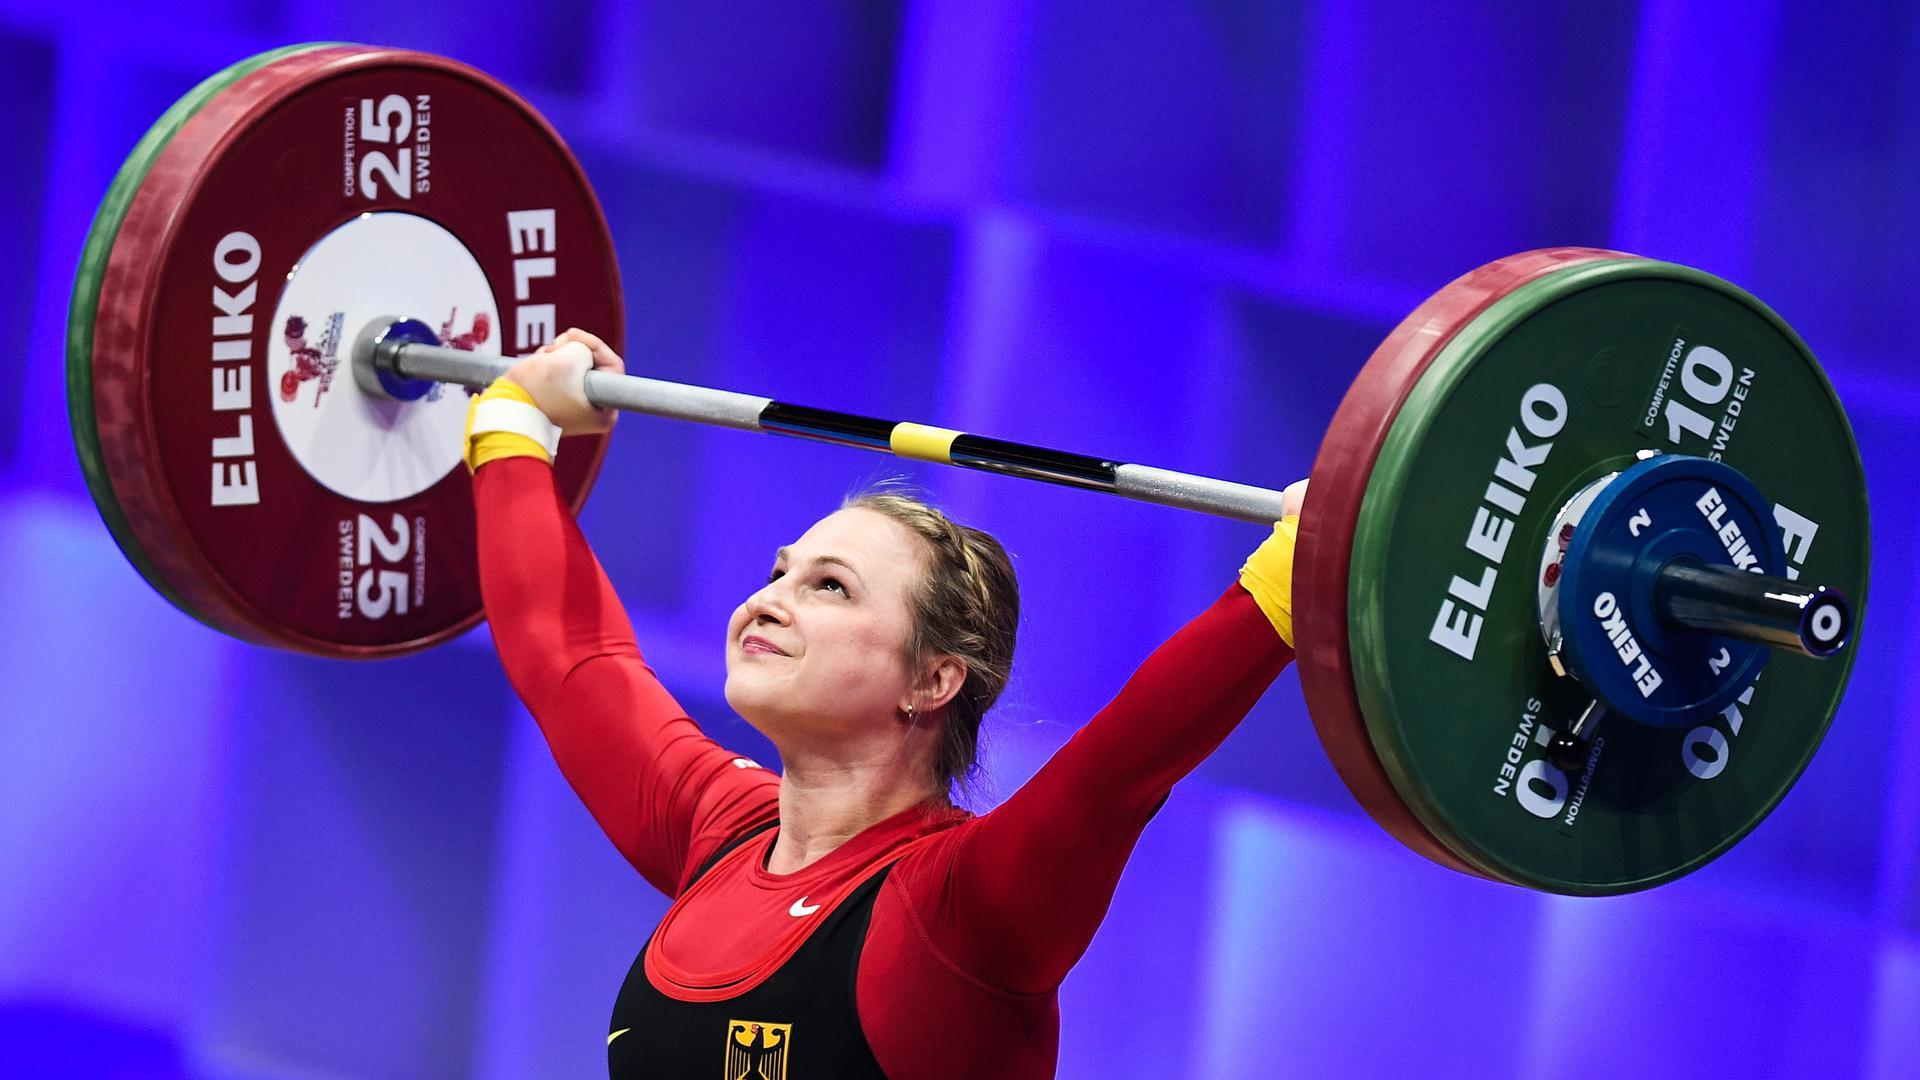 Gewichtheben: Europameisterschaft, Klasse bis 64 kg, Frauen: Sabine Kusterer aus Deutschland.